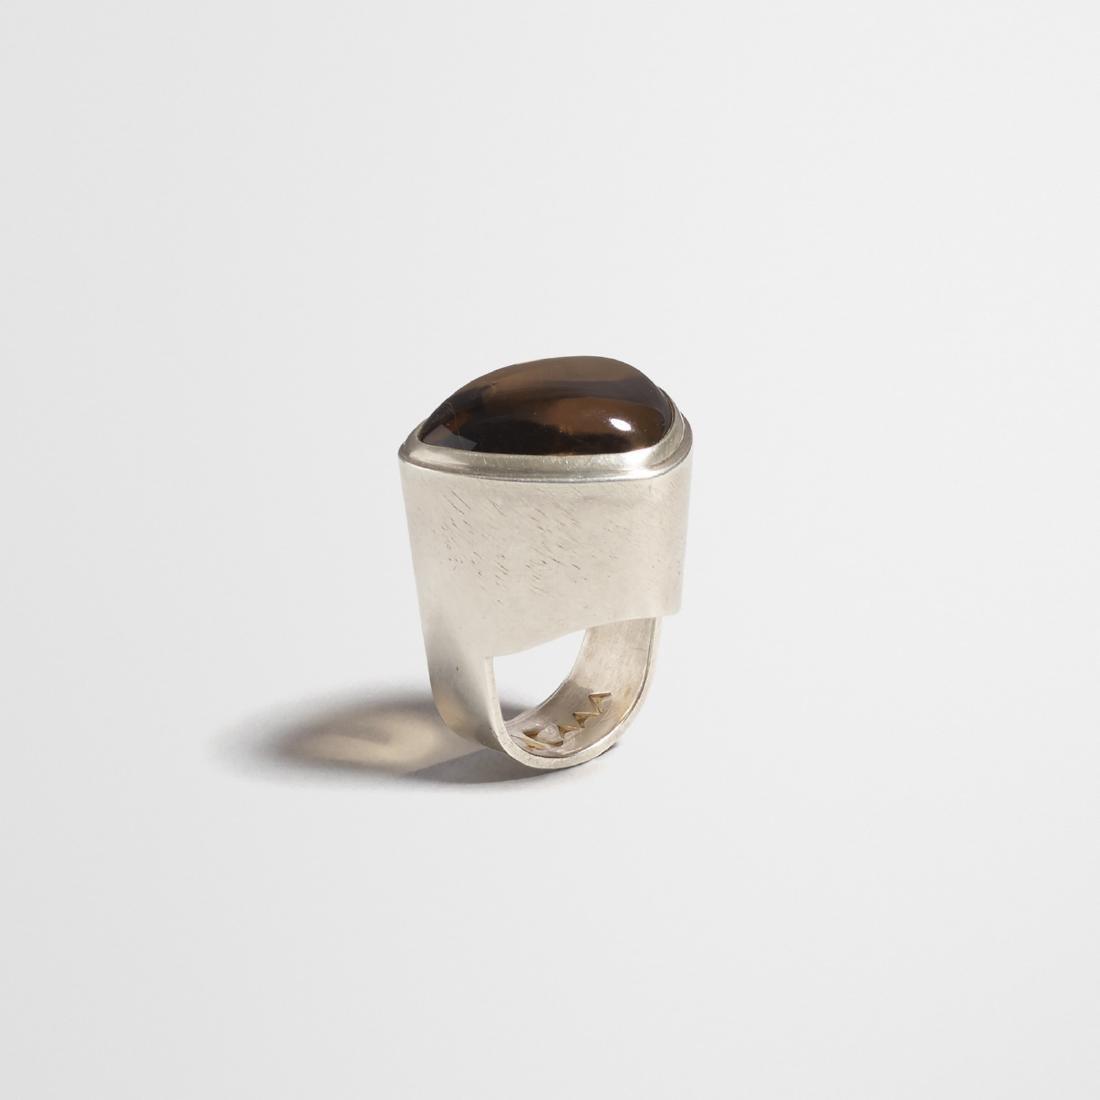 John Prip, ring